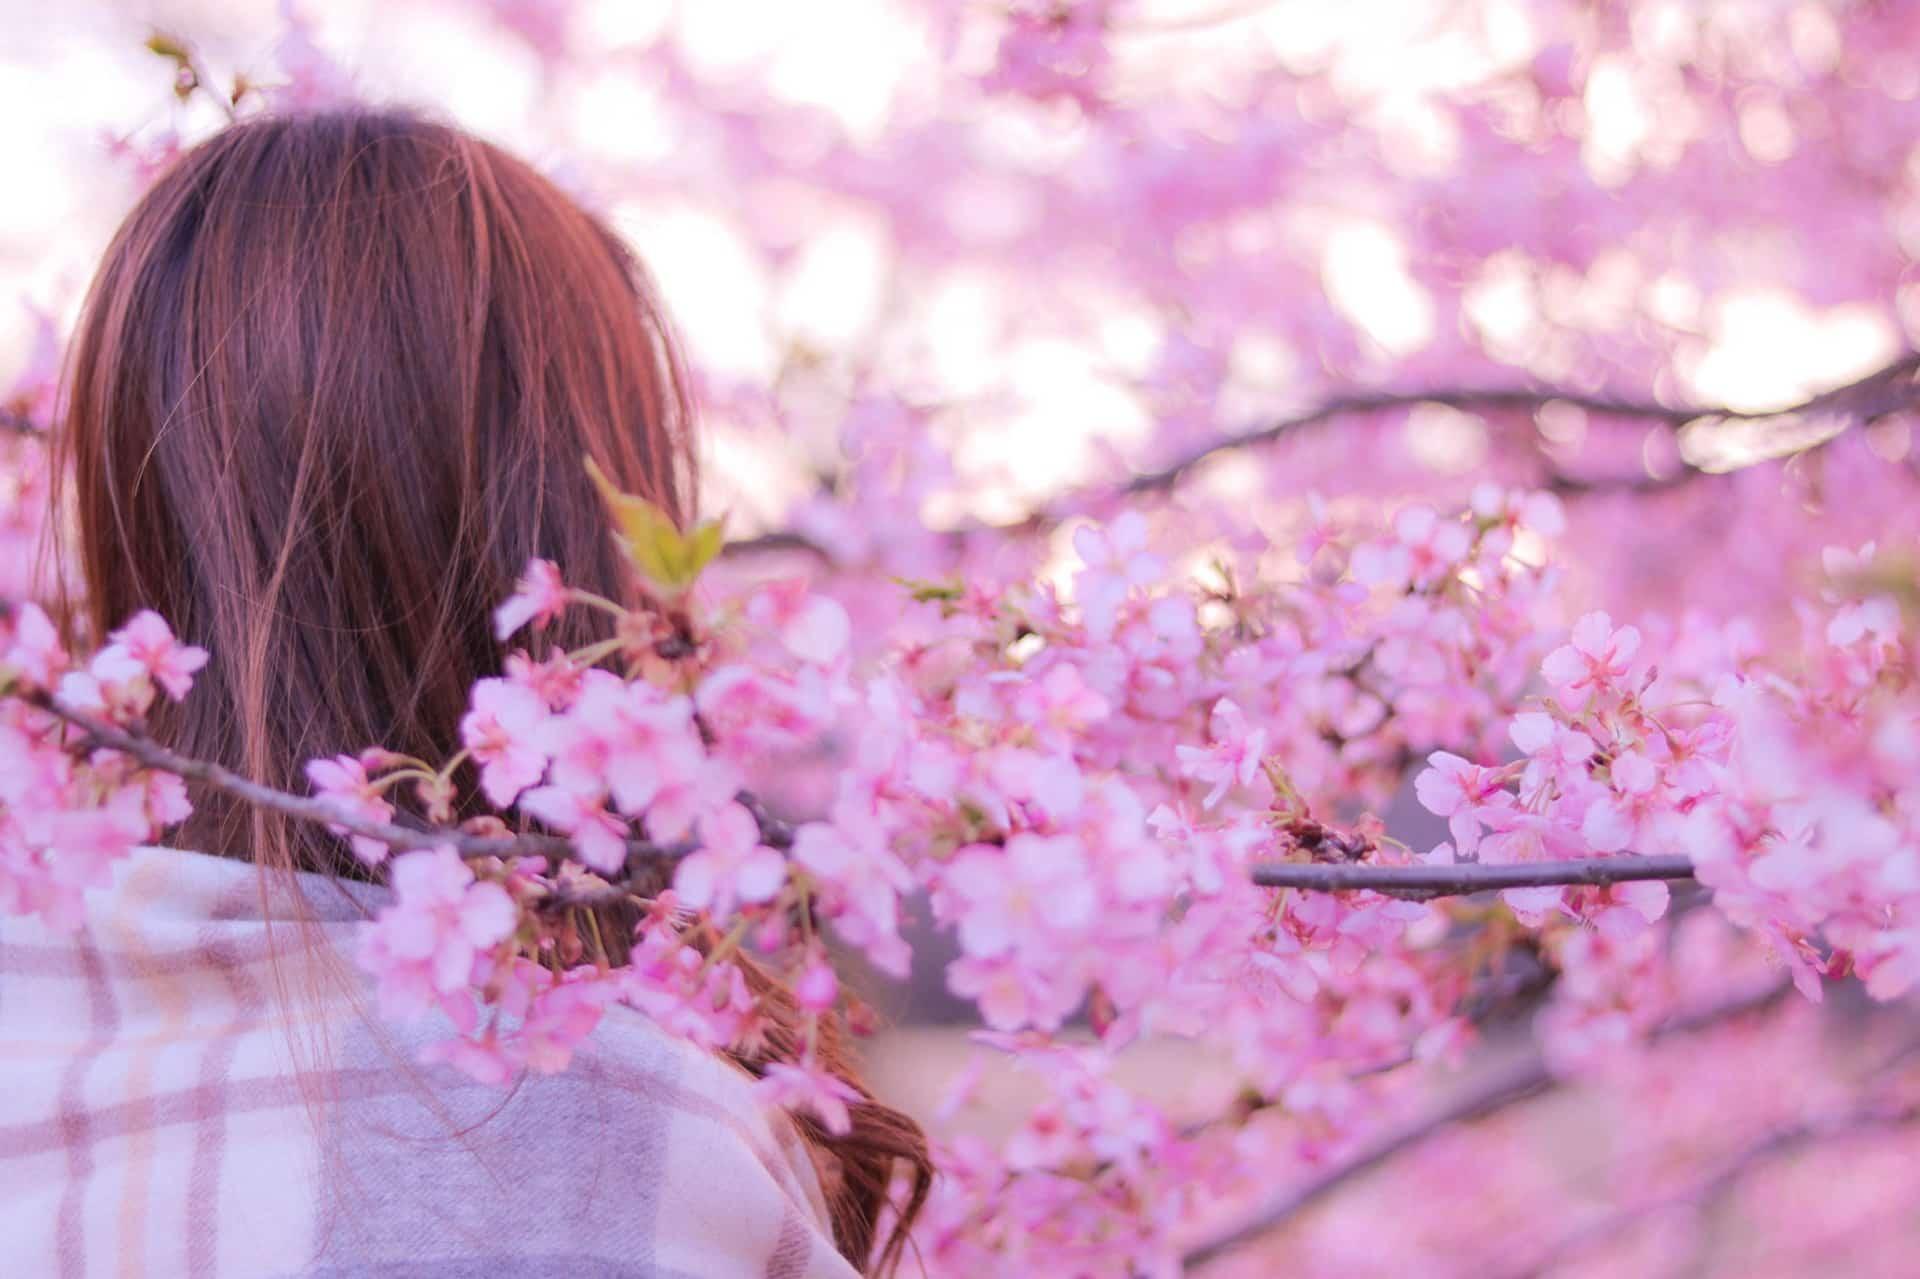 【2019年最新版】桜ソング厳選27曲。最新曲から懐かしい名曲までを特集してみました